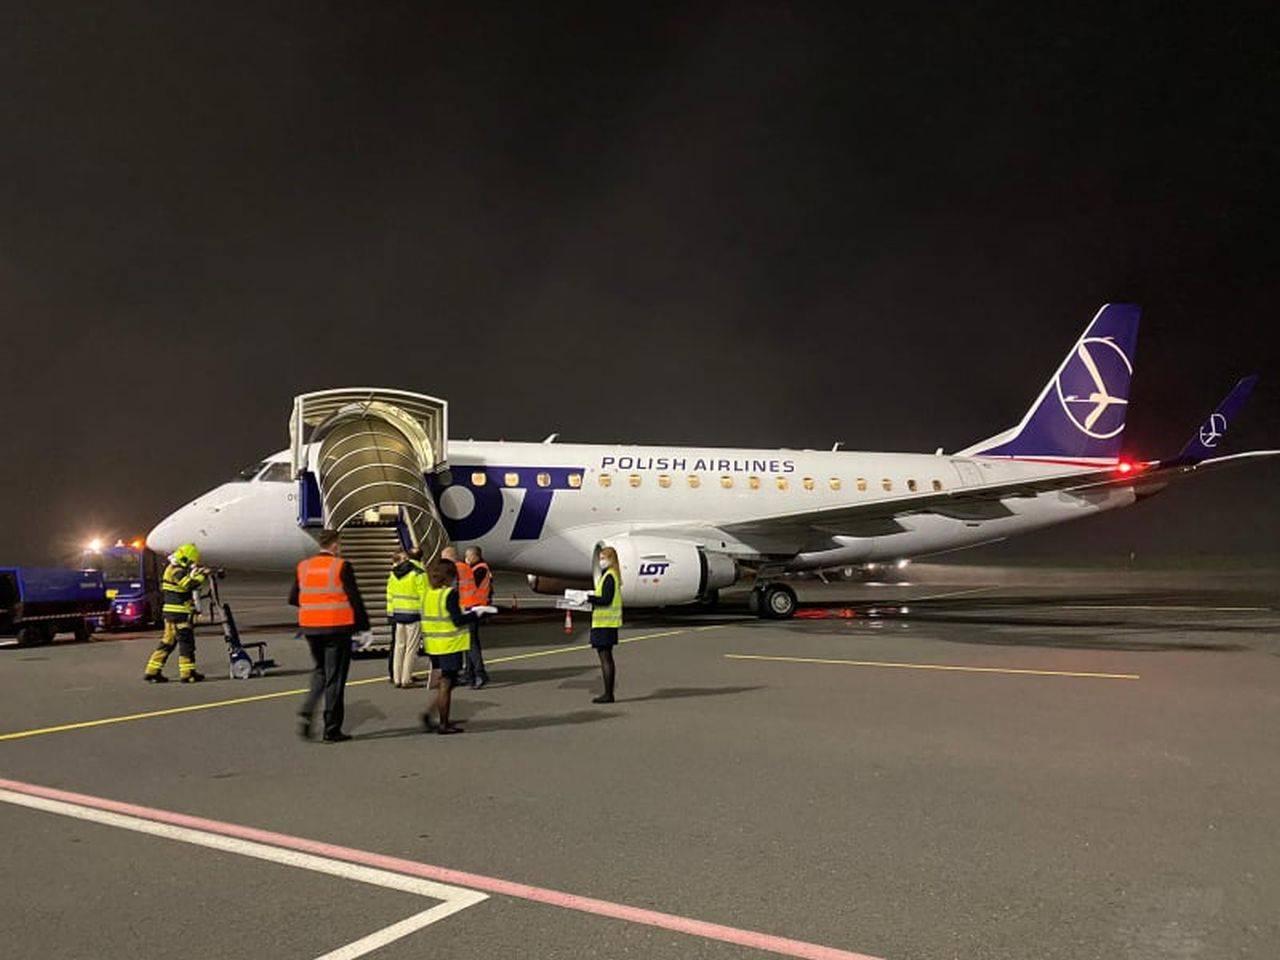 Ваш рейс lot polish airlines задержали или отменили?